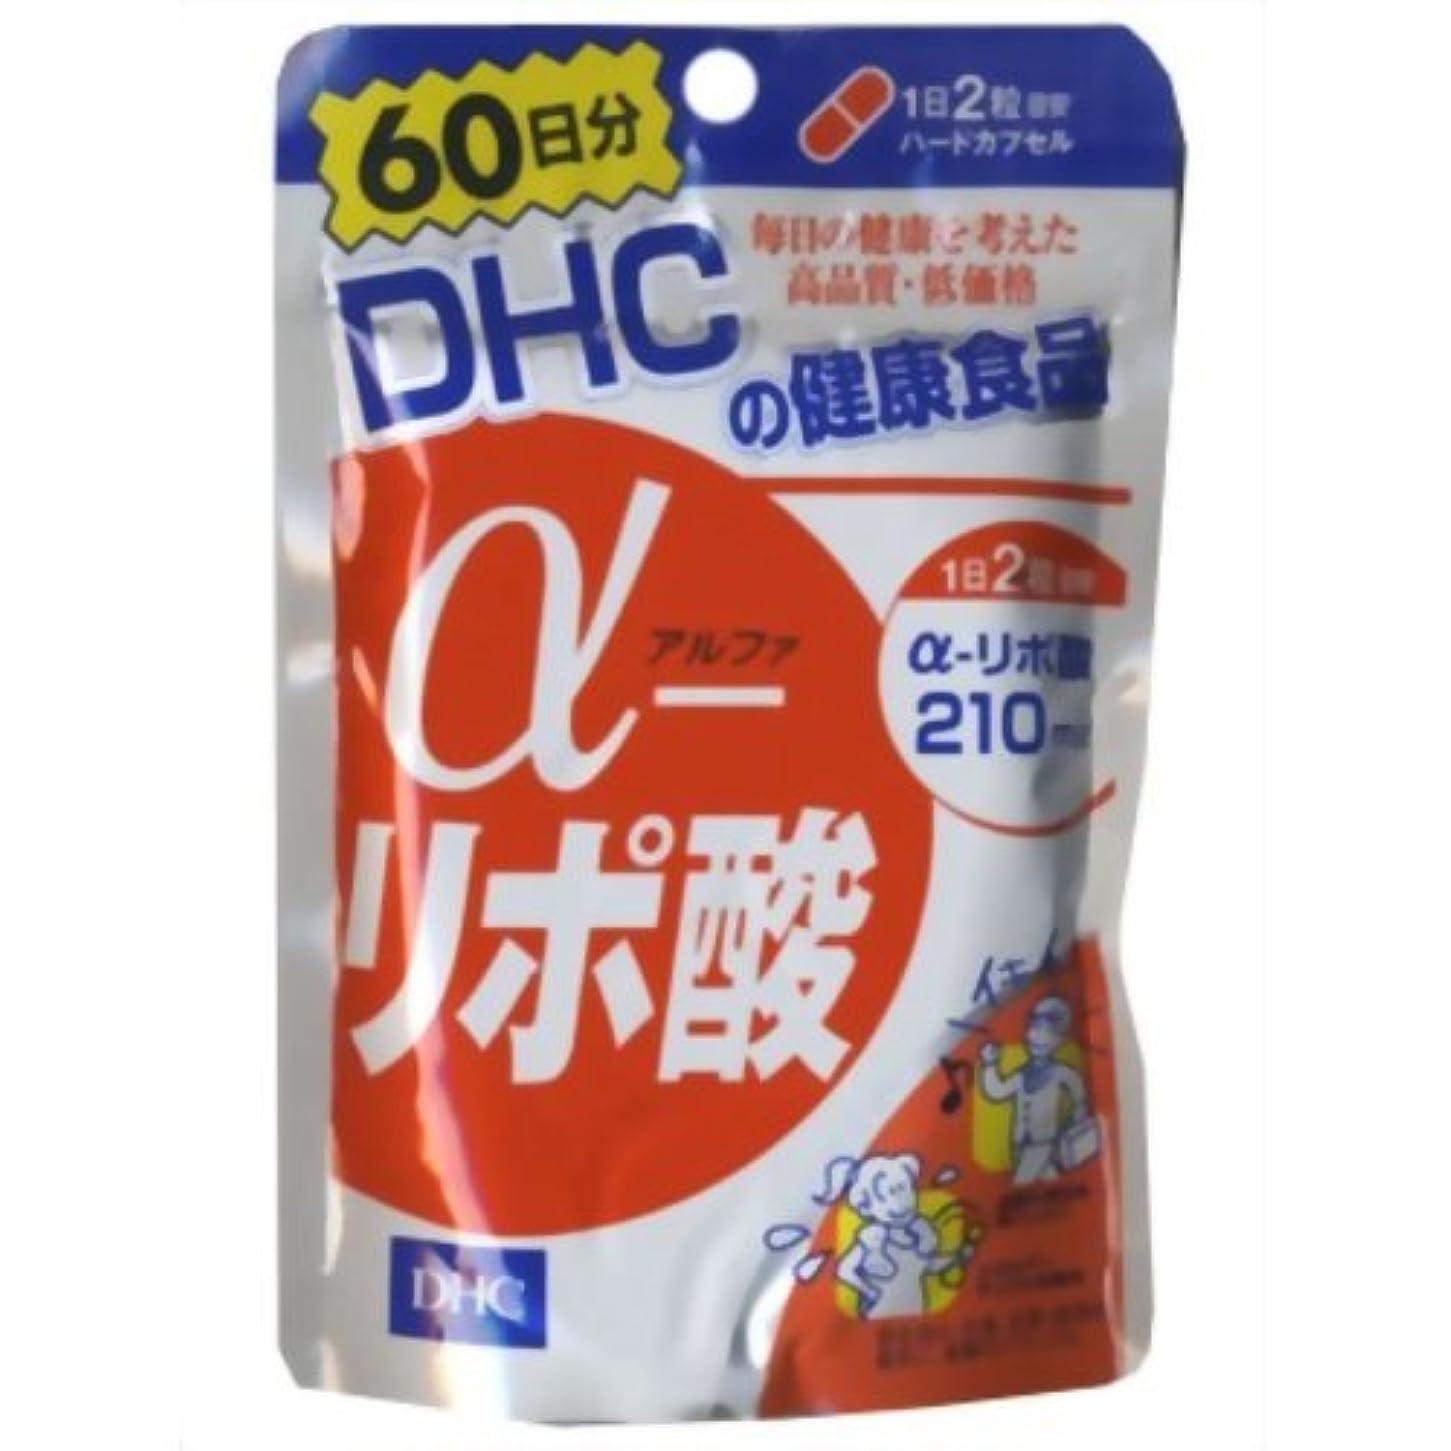 算術スロー永遠のDHC 60日分α-リポ酸